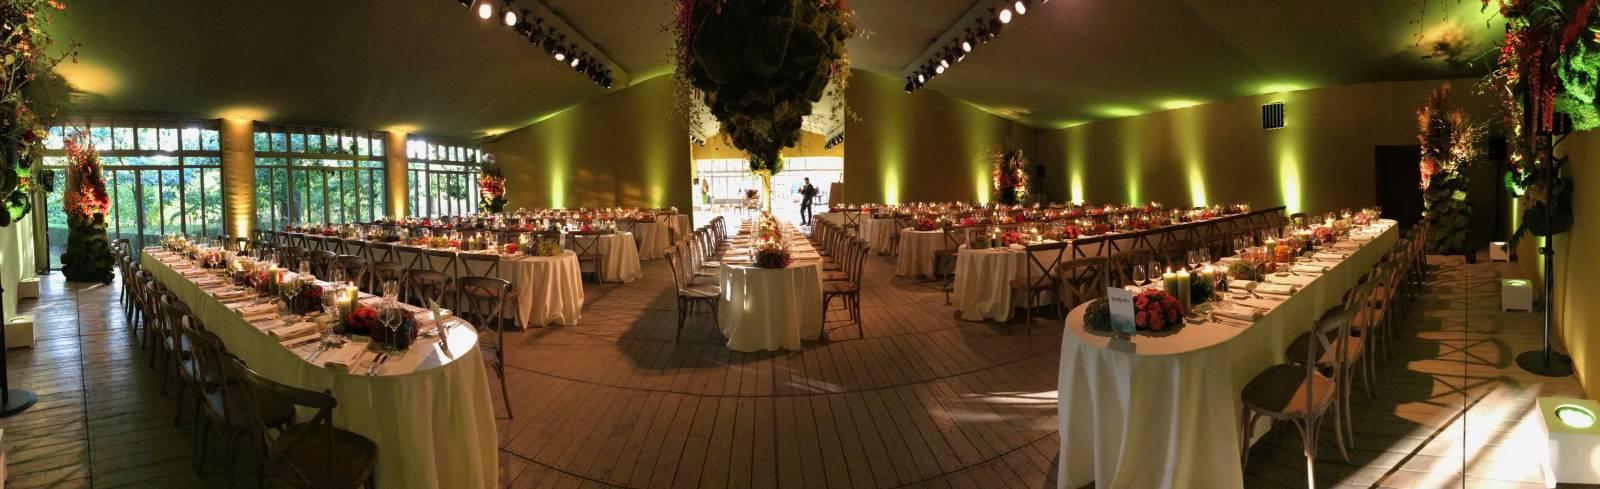 Hendrickx feesten - Catering - Traiteur - Cateraar - House of Events - 15